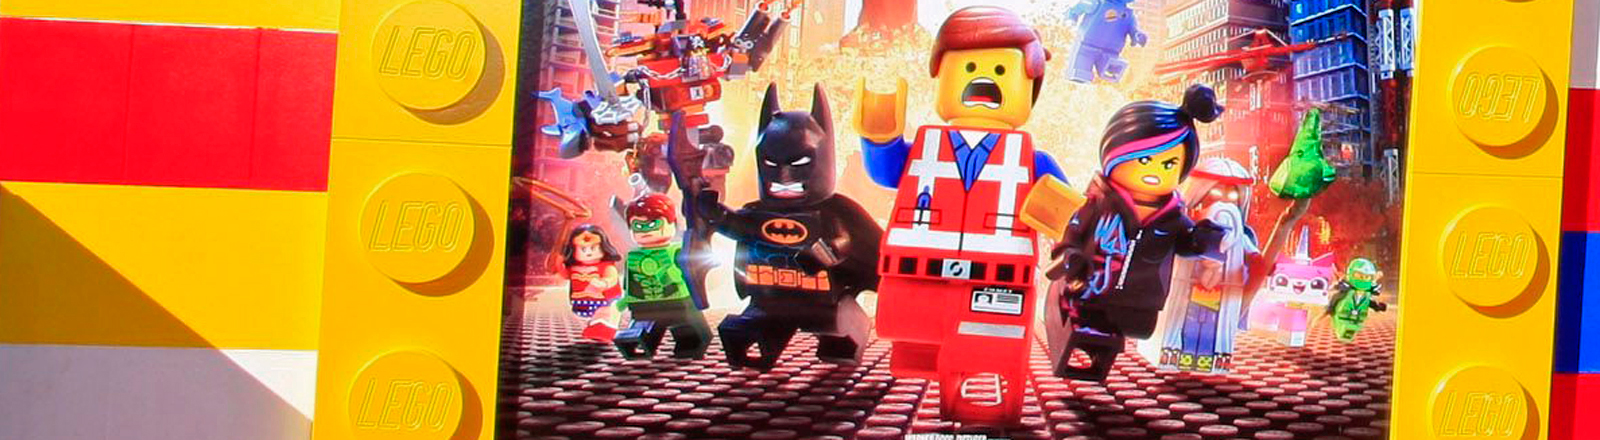 """Ein Plakat zum Film """"The Lego Movie""""."""